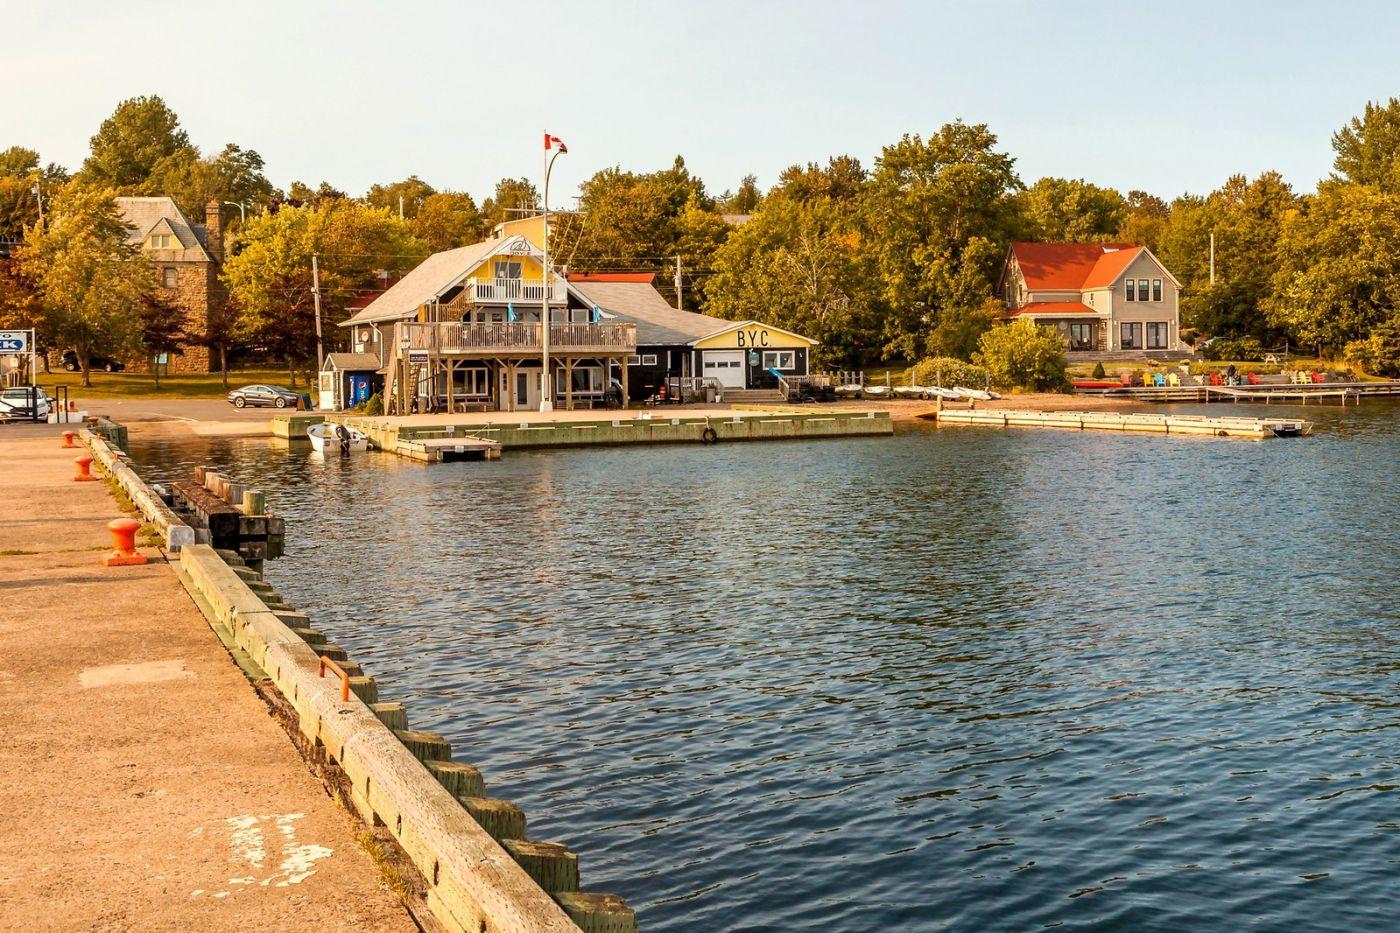 加拿大Nova Scotia, 帆船灯塔老鹰_图1-32